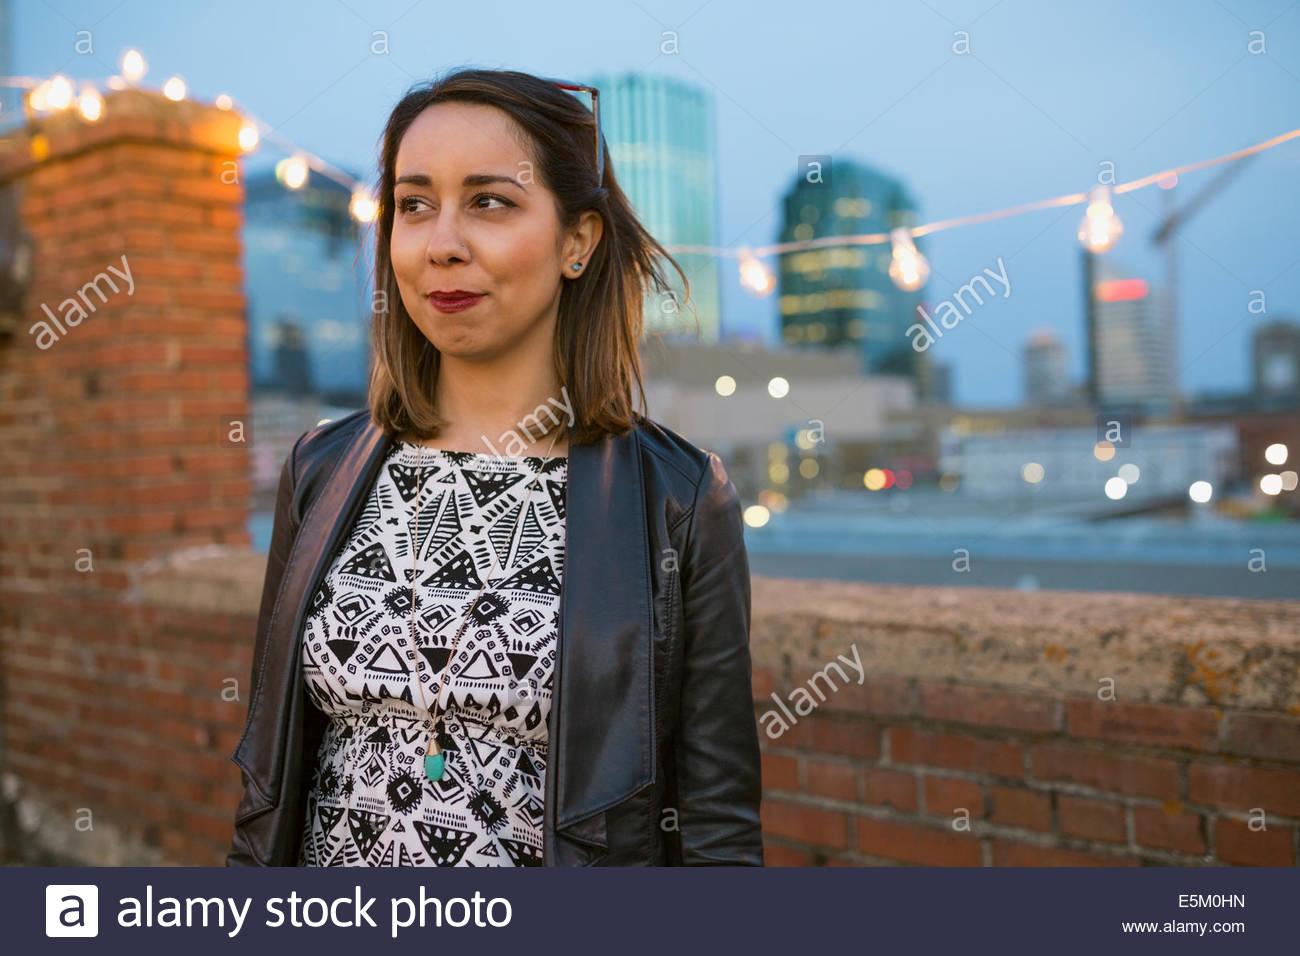 Mujer sonriente mirar lejos en la azotea urbana Imagen De Stock